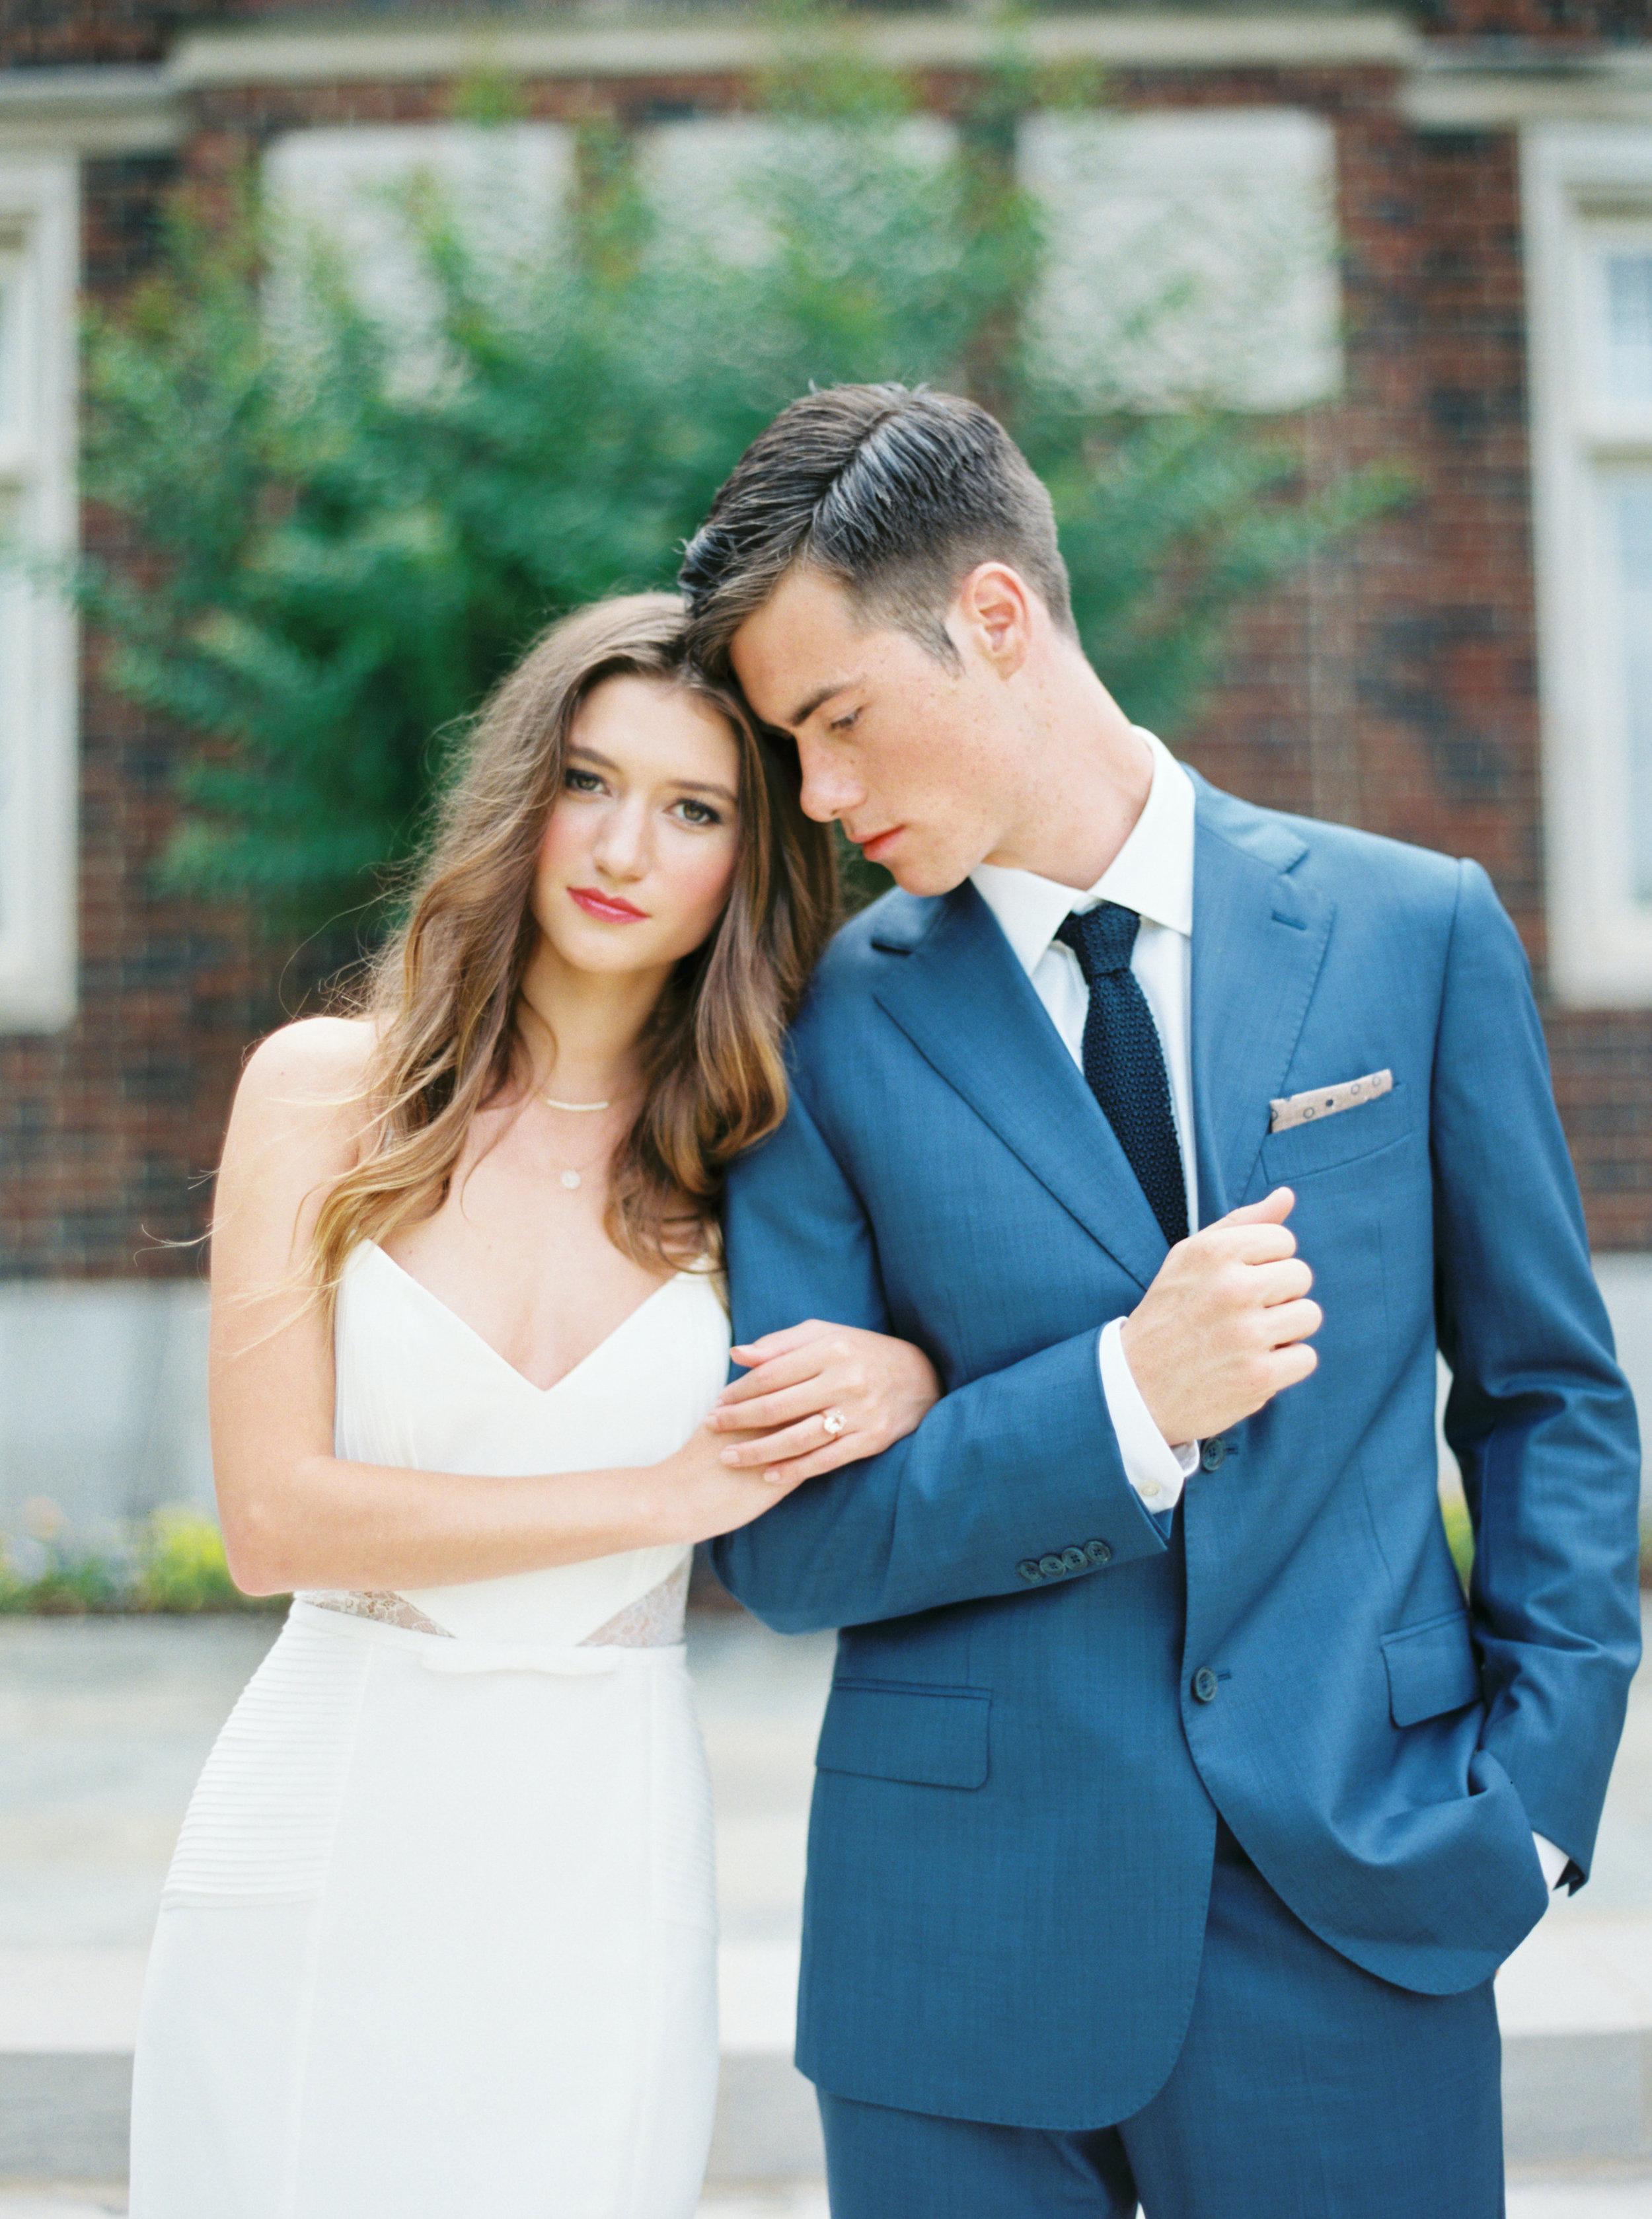 Brides of Oklahoma - eversomething.com